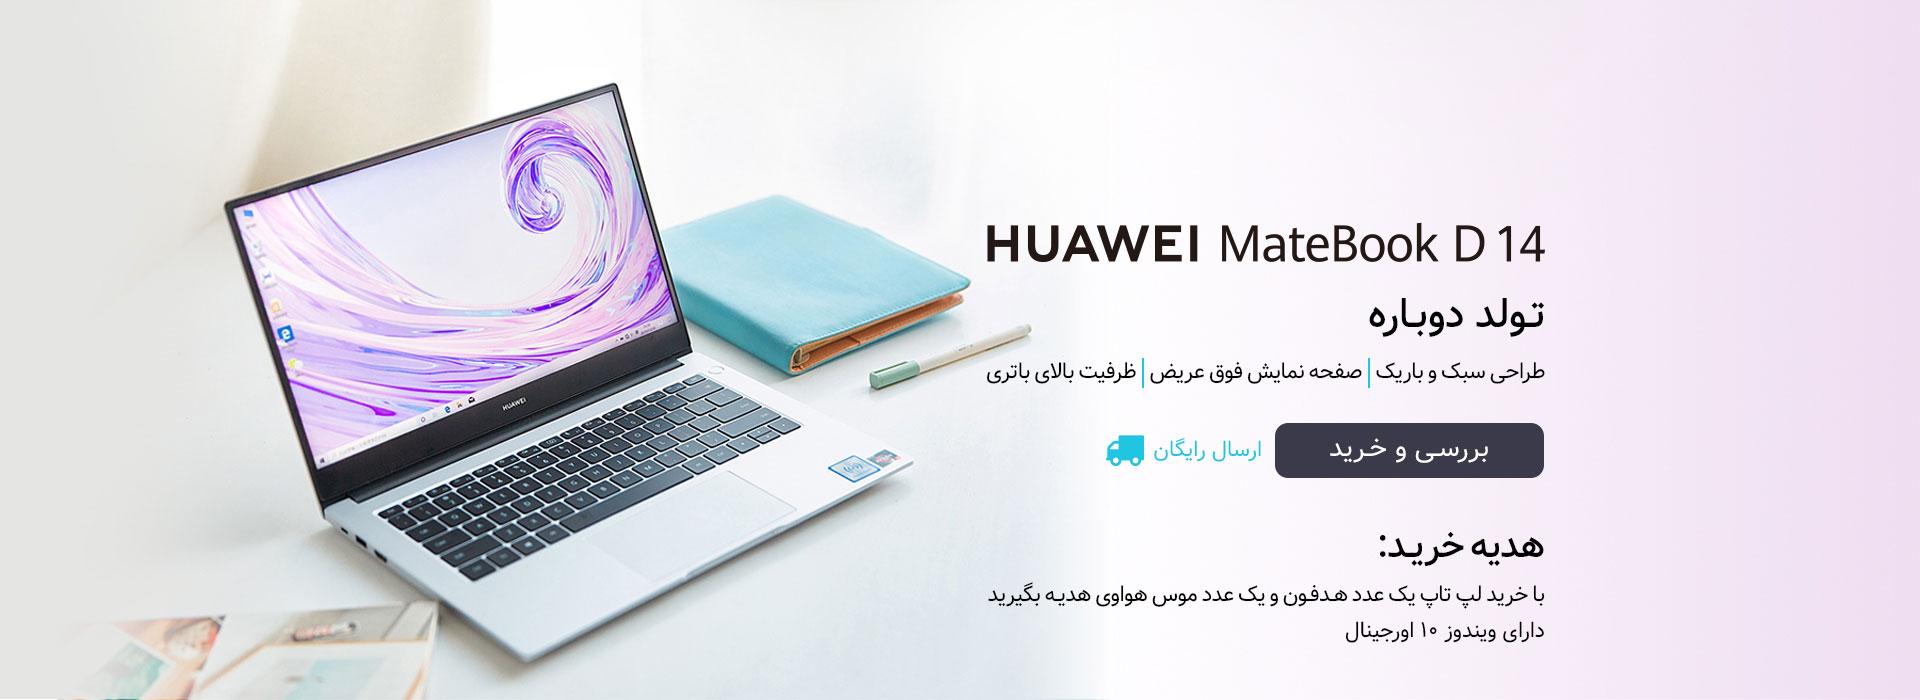 لپ تاپ 14 اینچ Huawei مدل MateBook D14